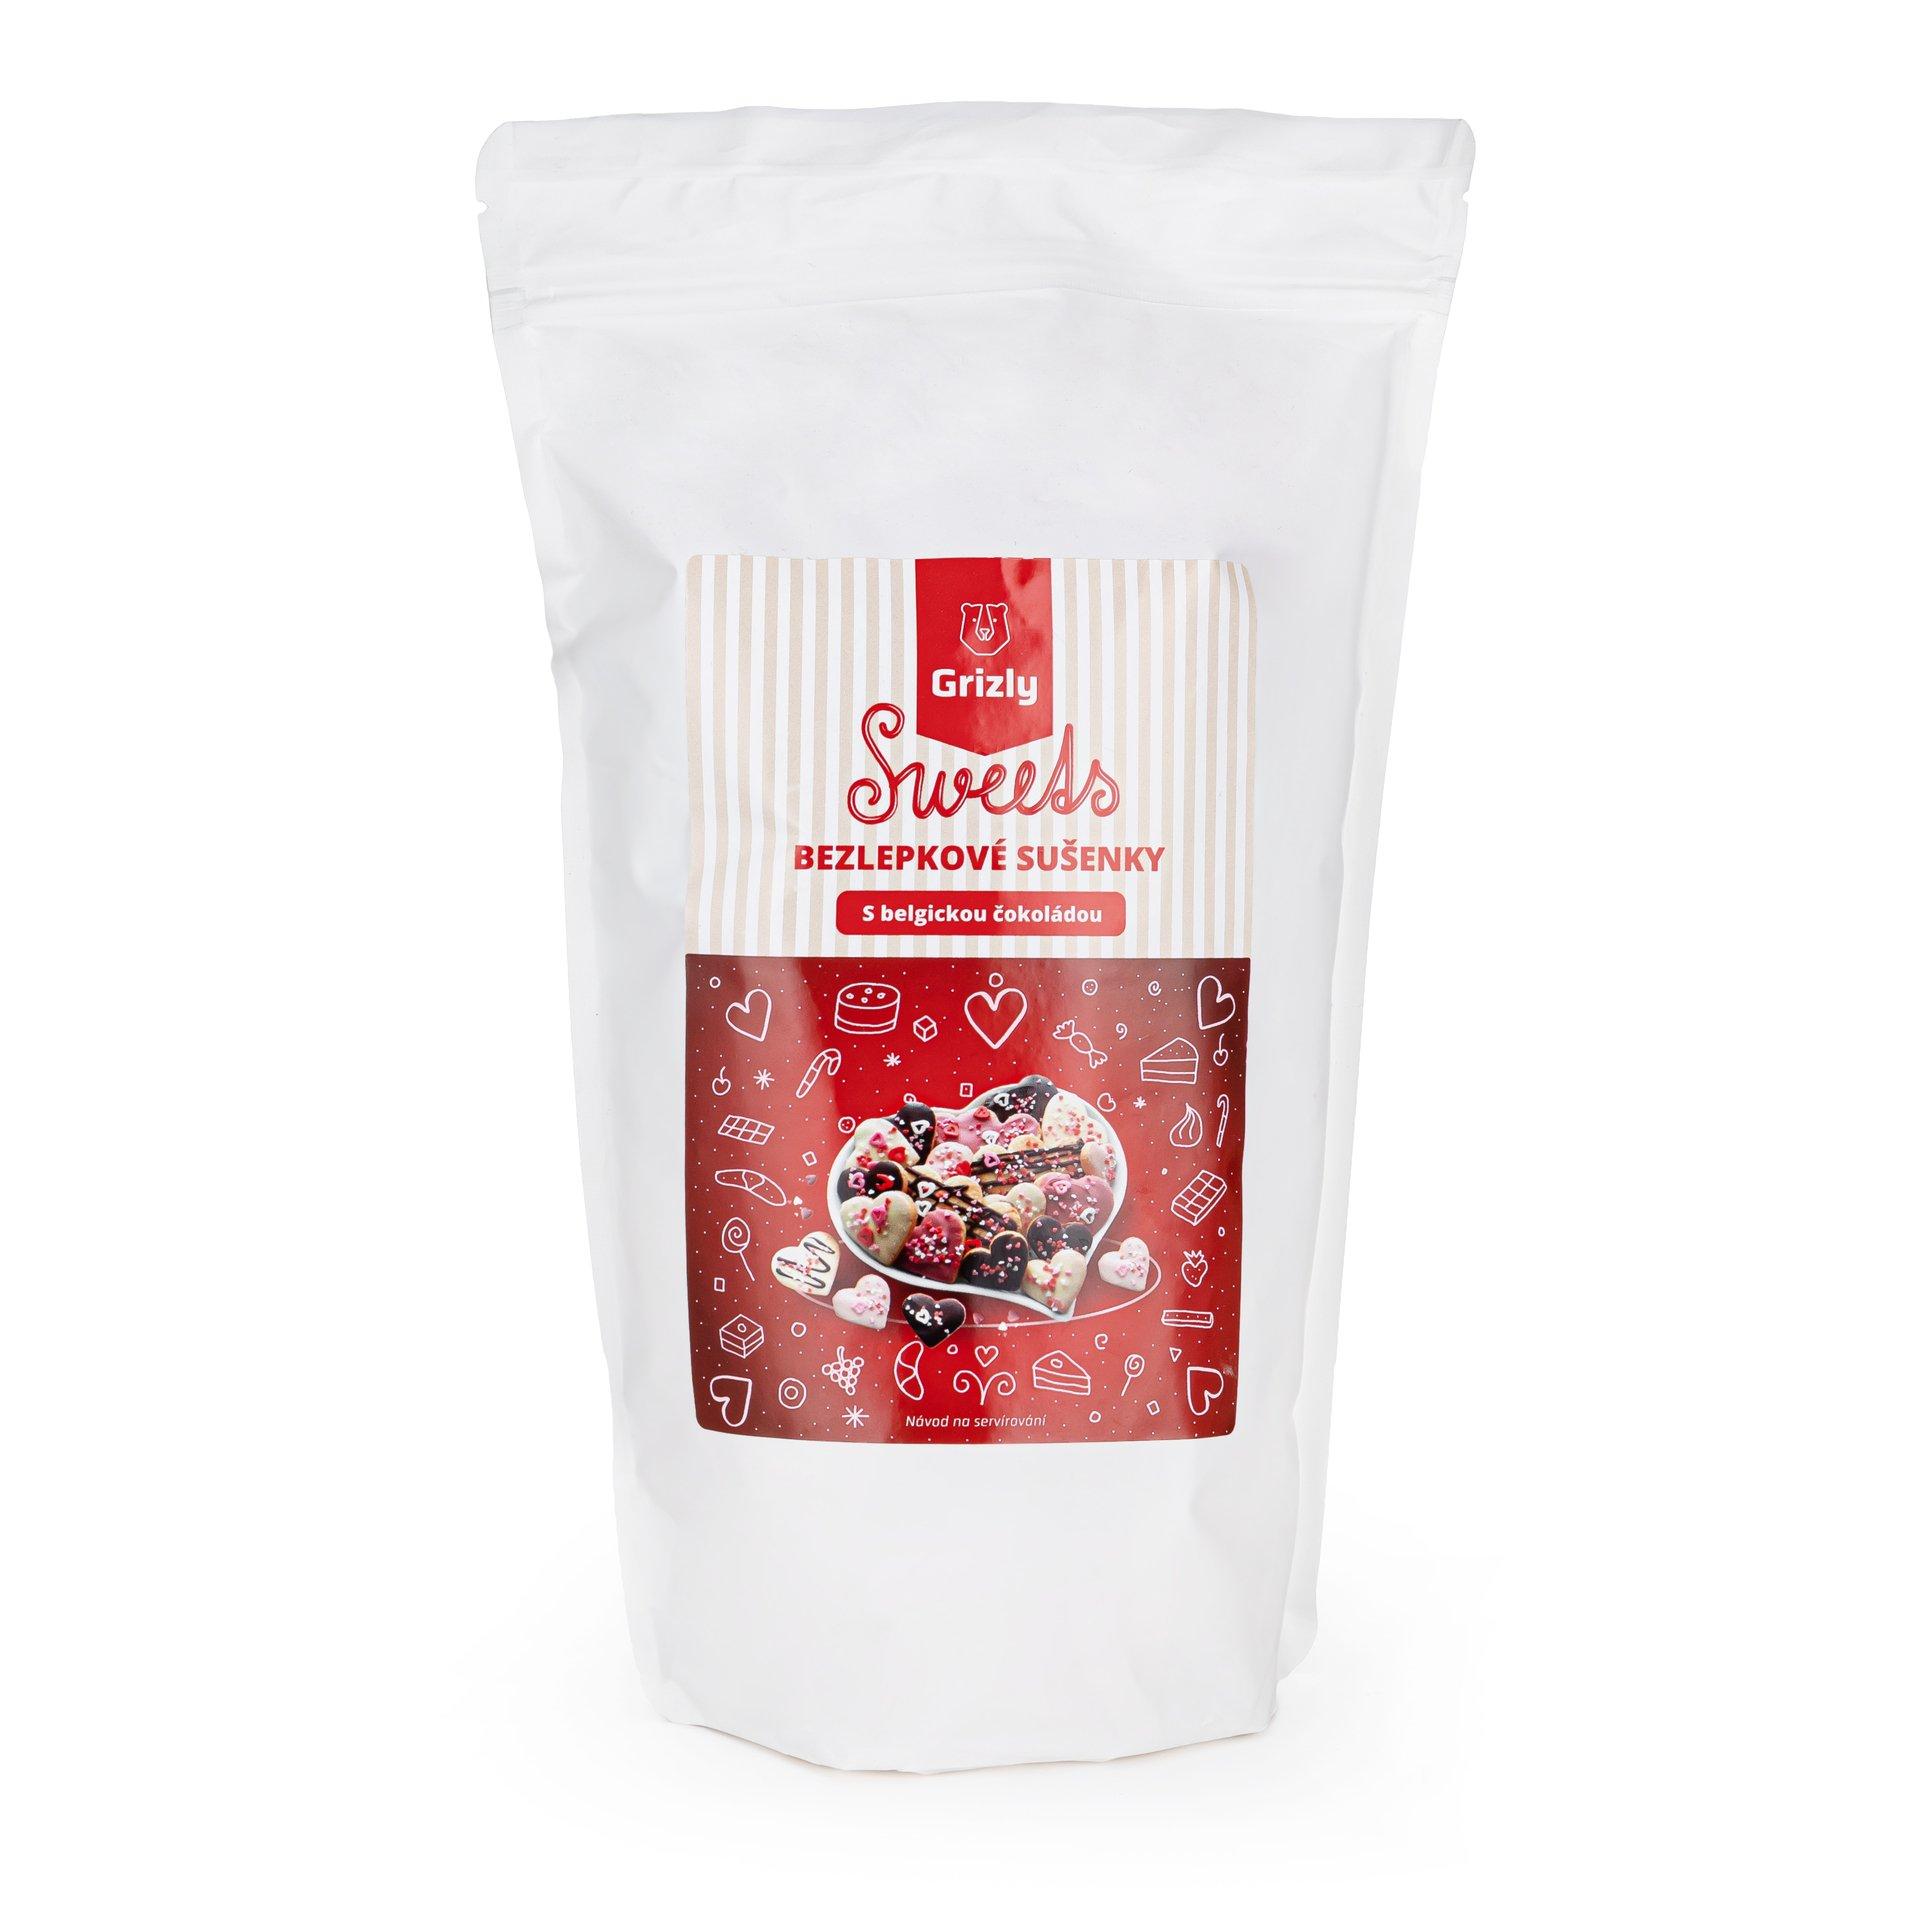 GRIZLY Sweets Směs na zamilované sušenky bezlepkové 640 g